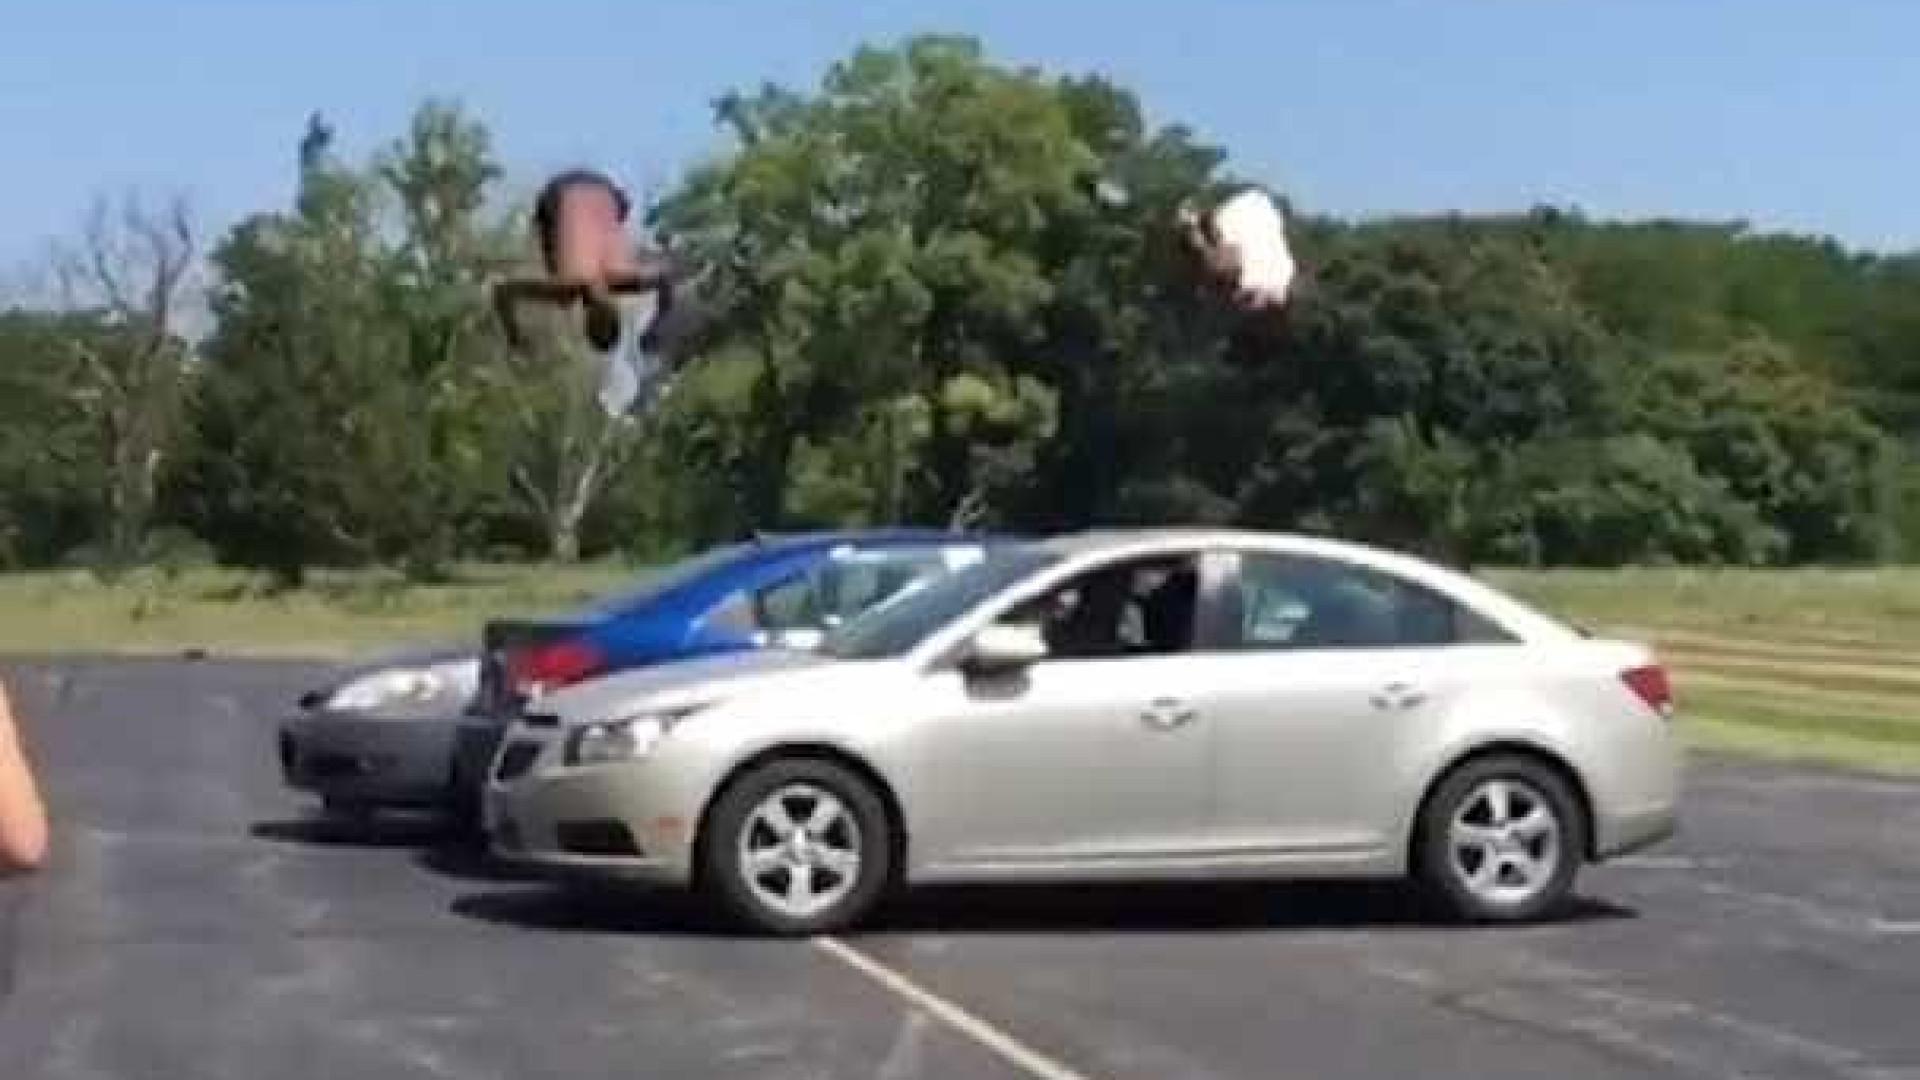 Jovens dão mortal por cima de 3 carros nos EUA